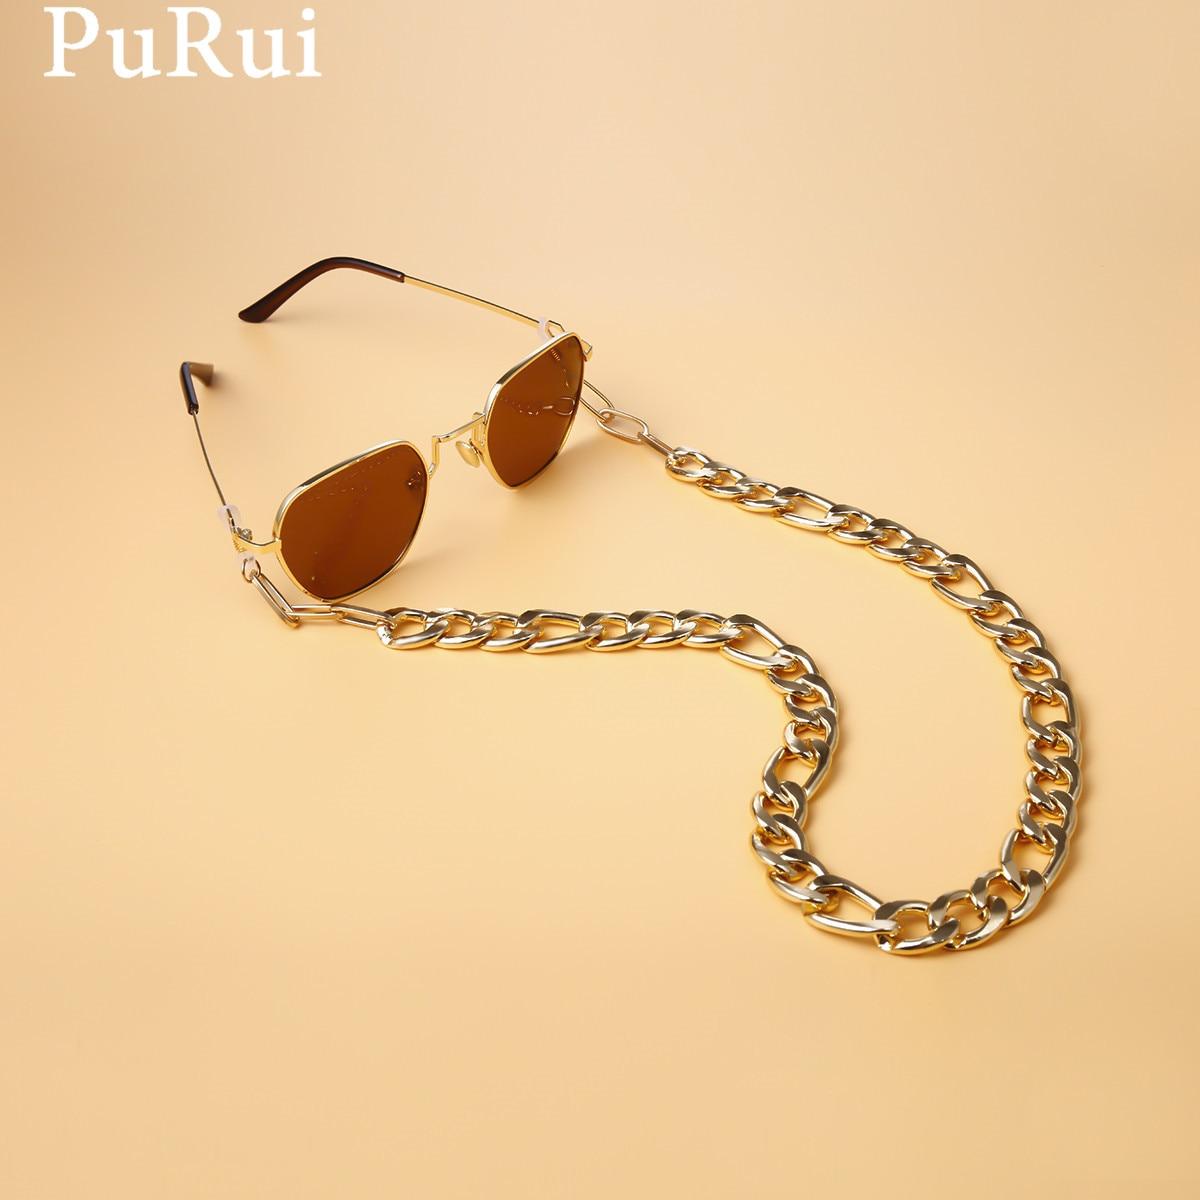 Цепочка для очков Purui, шнурок, держатель для очков, веревка, женский ремешок для солнцезащитных очков, аксессуары для очков, металлический шн...